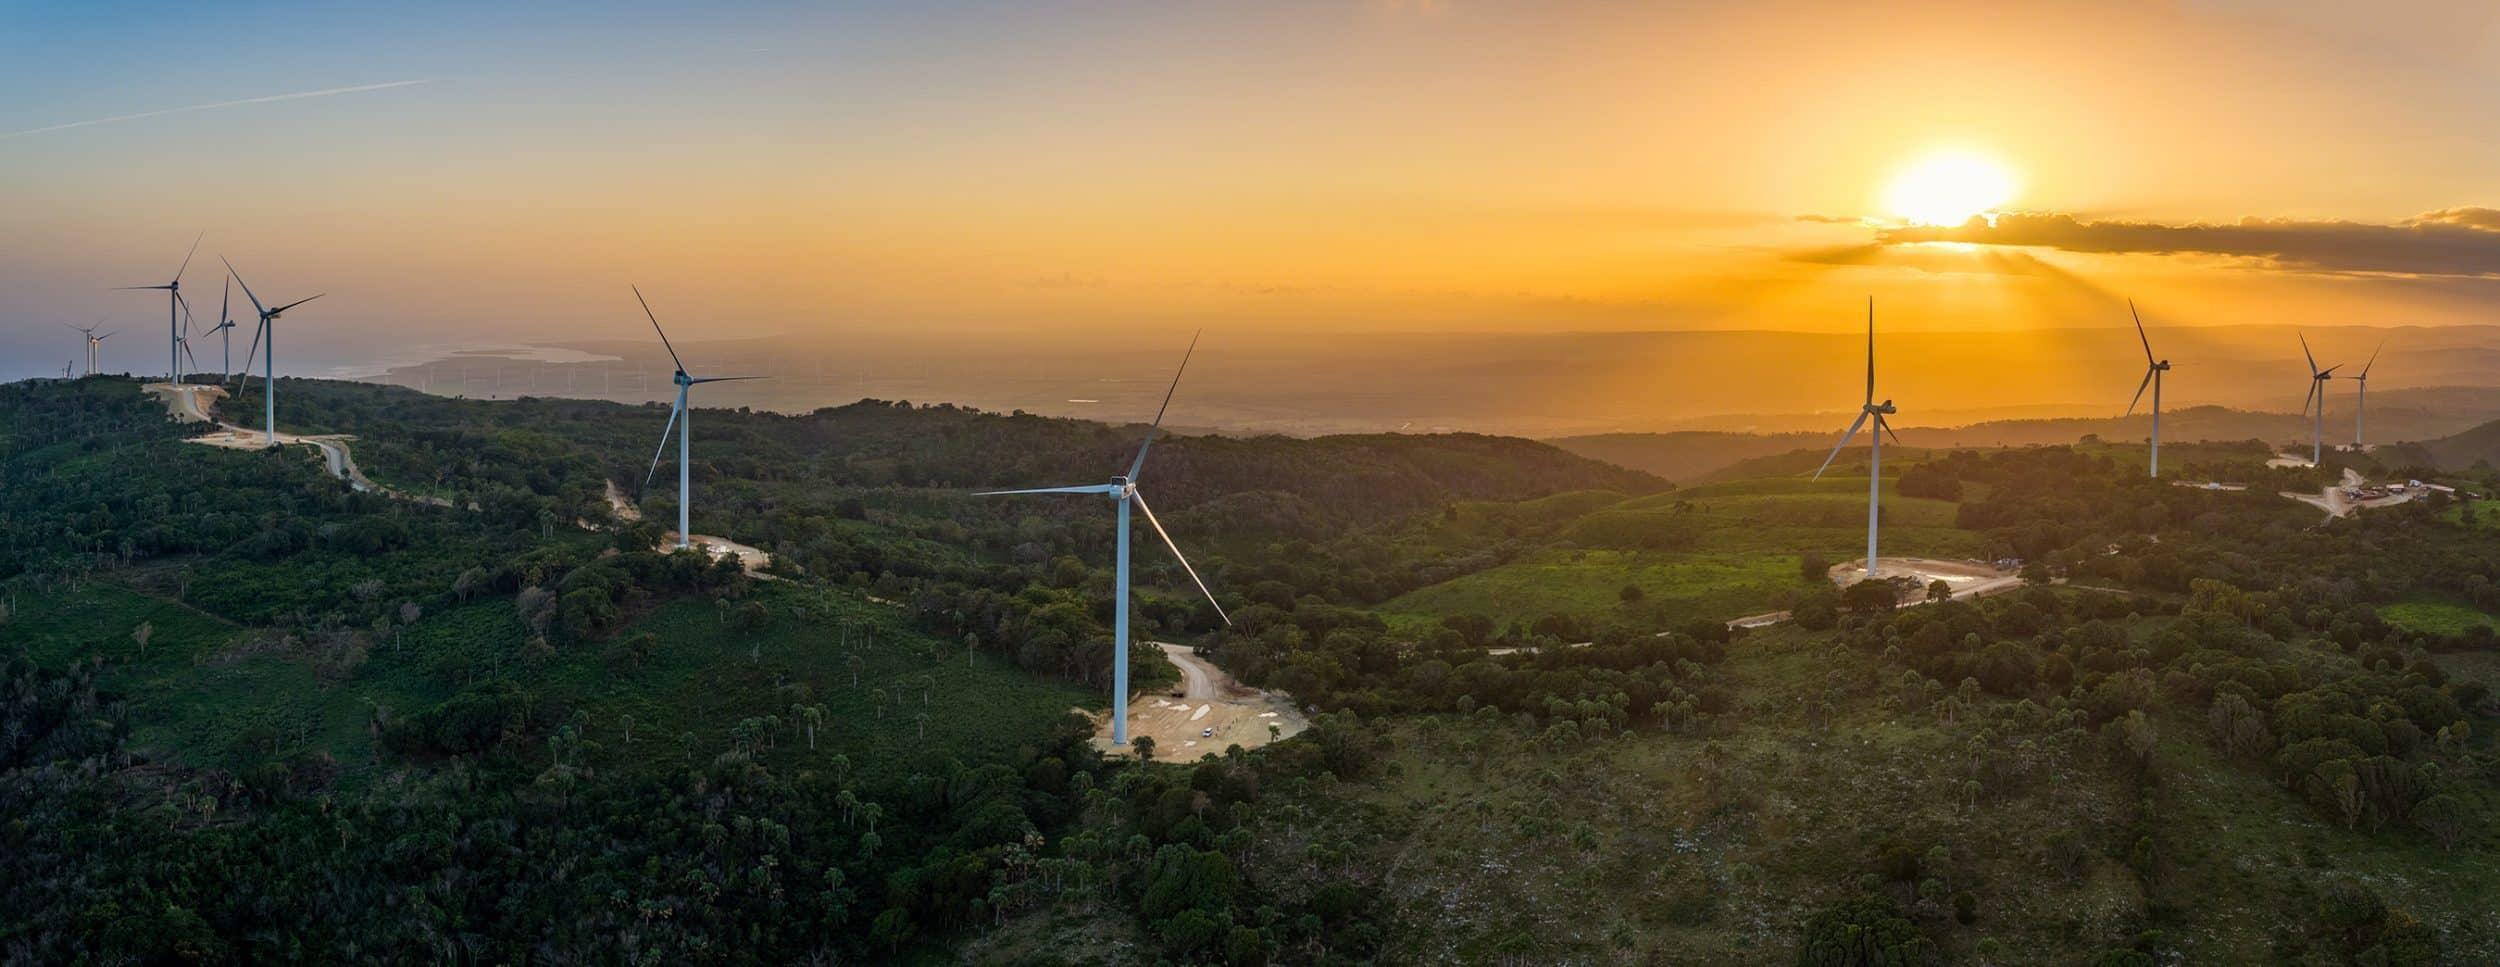 Parque Eólico Los Cocos 1